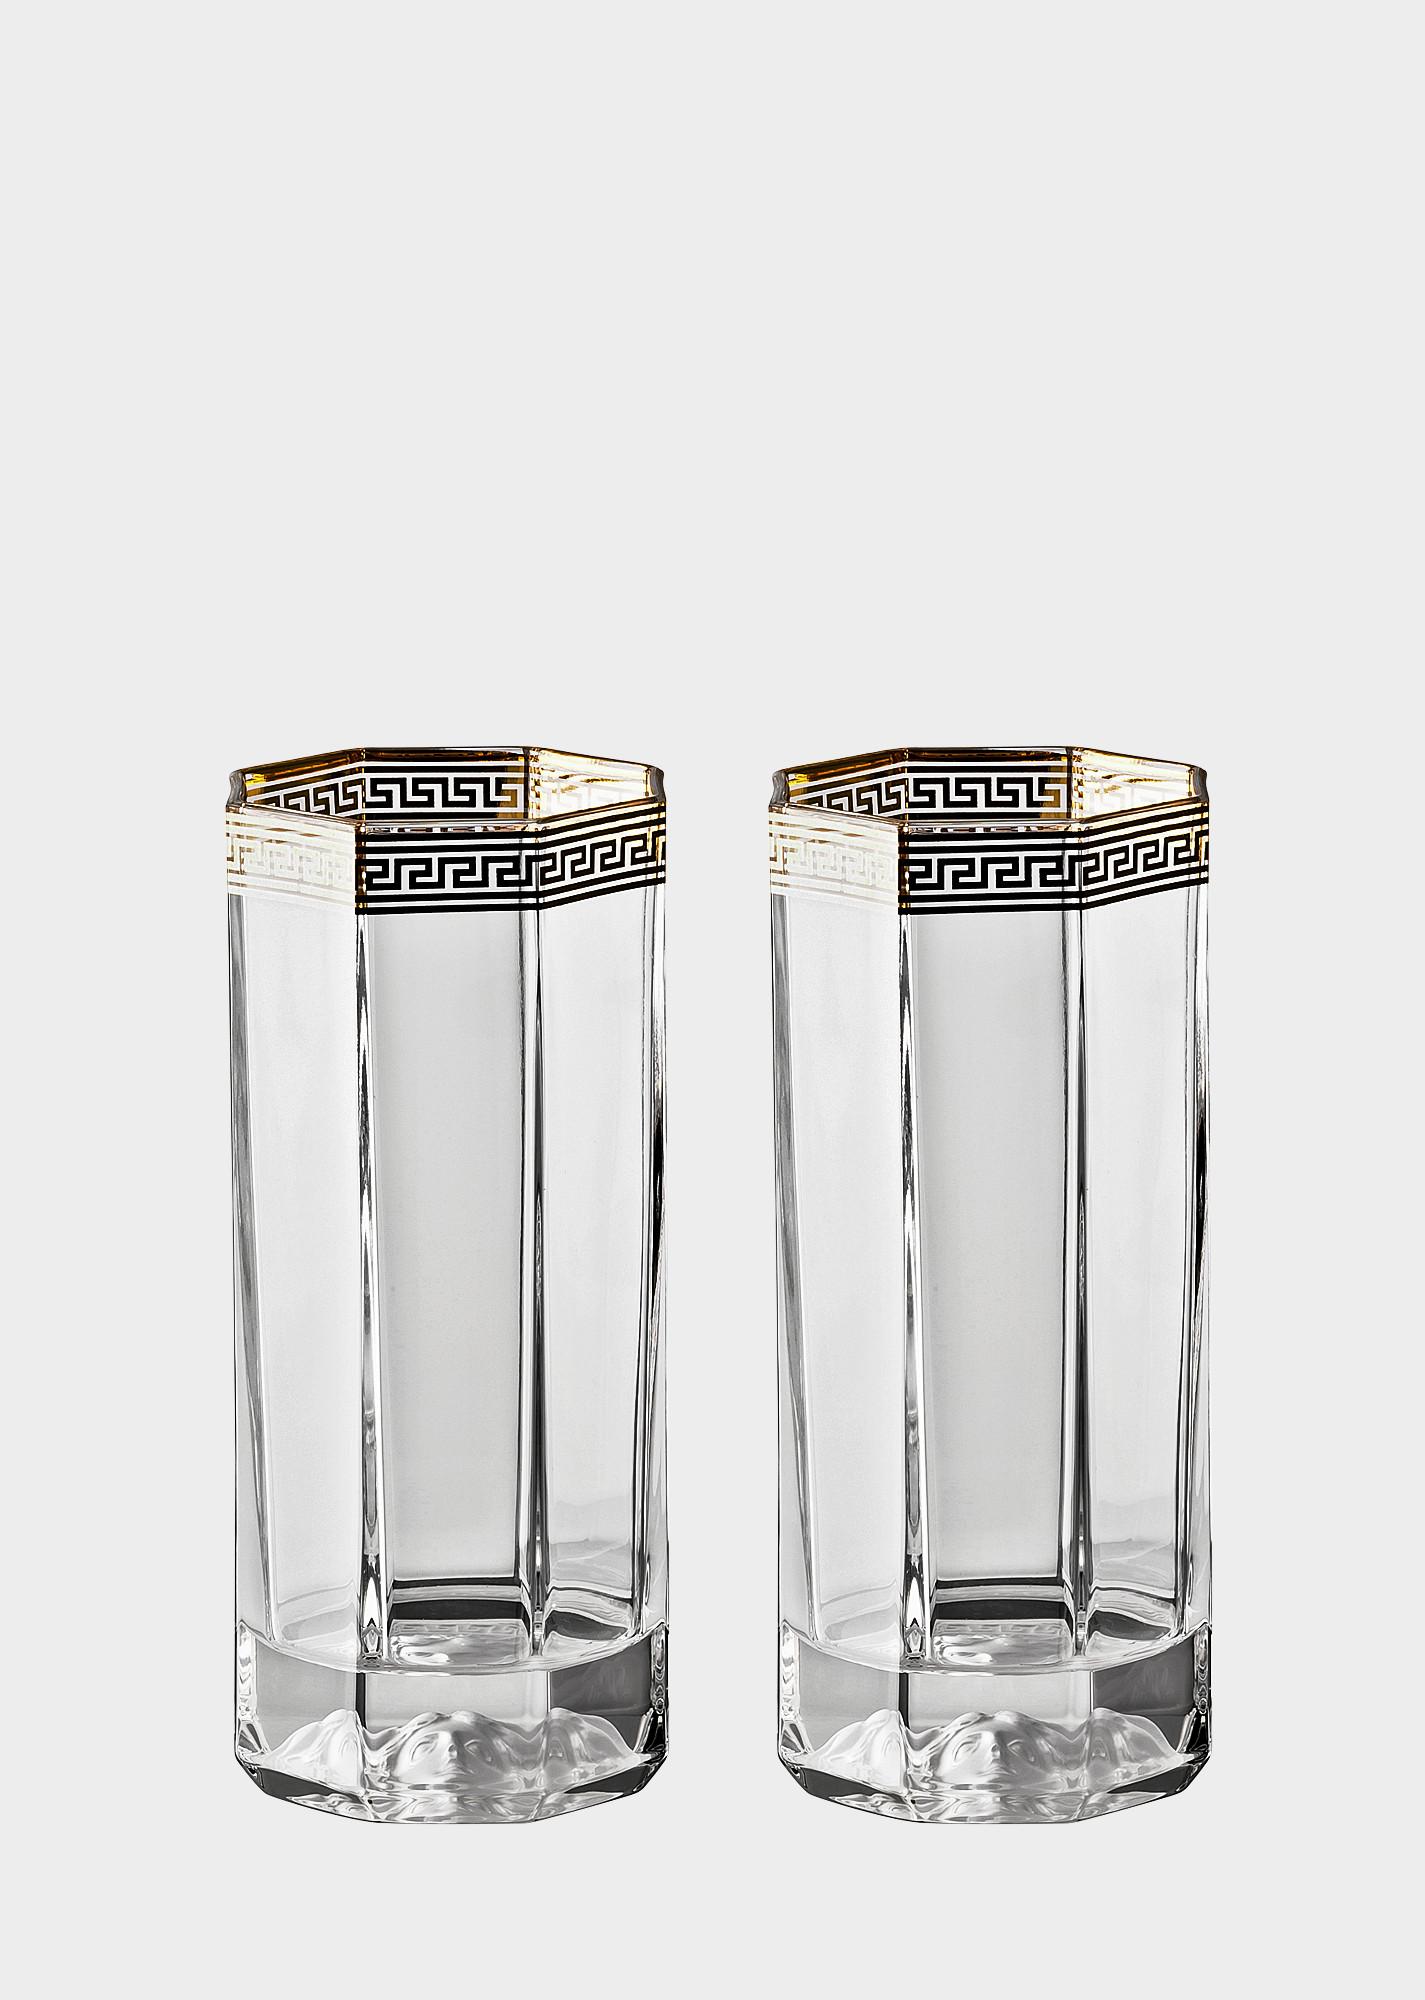 bohemia crystal vase price of versace home luxury glass crystal official website pertaining to 90 n48874 n110300 n2066 20 medusadorgp2longdrink glassandcrystal versace online store 4 5